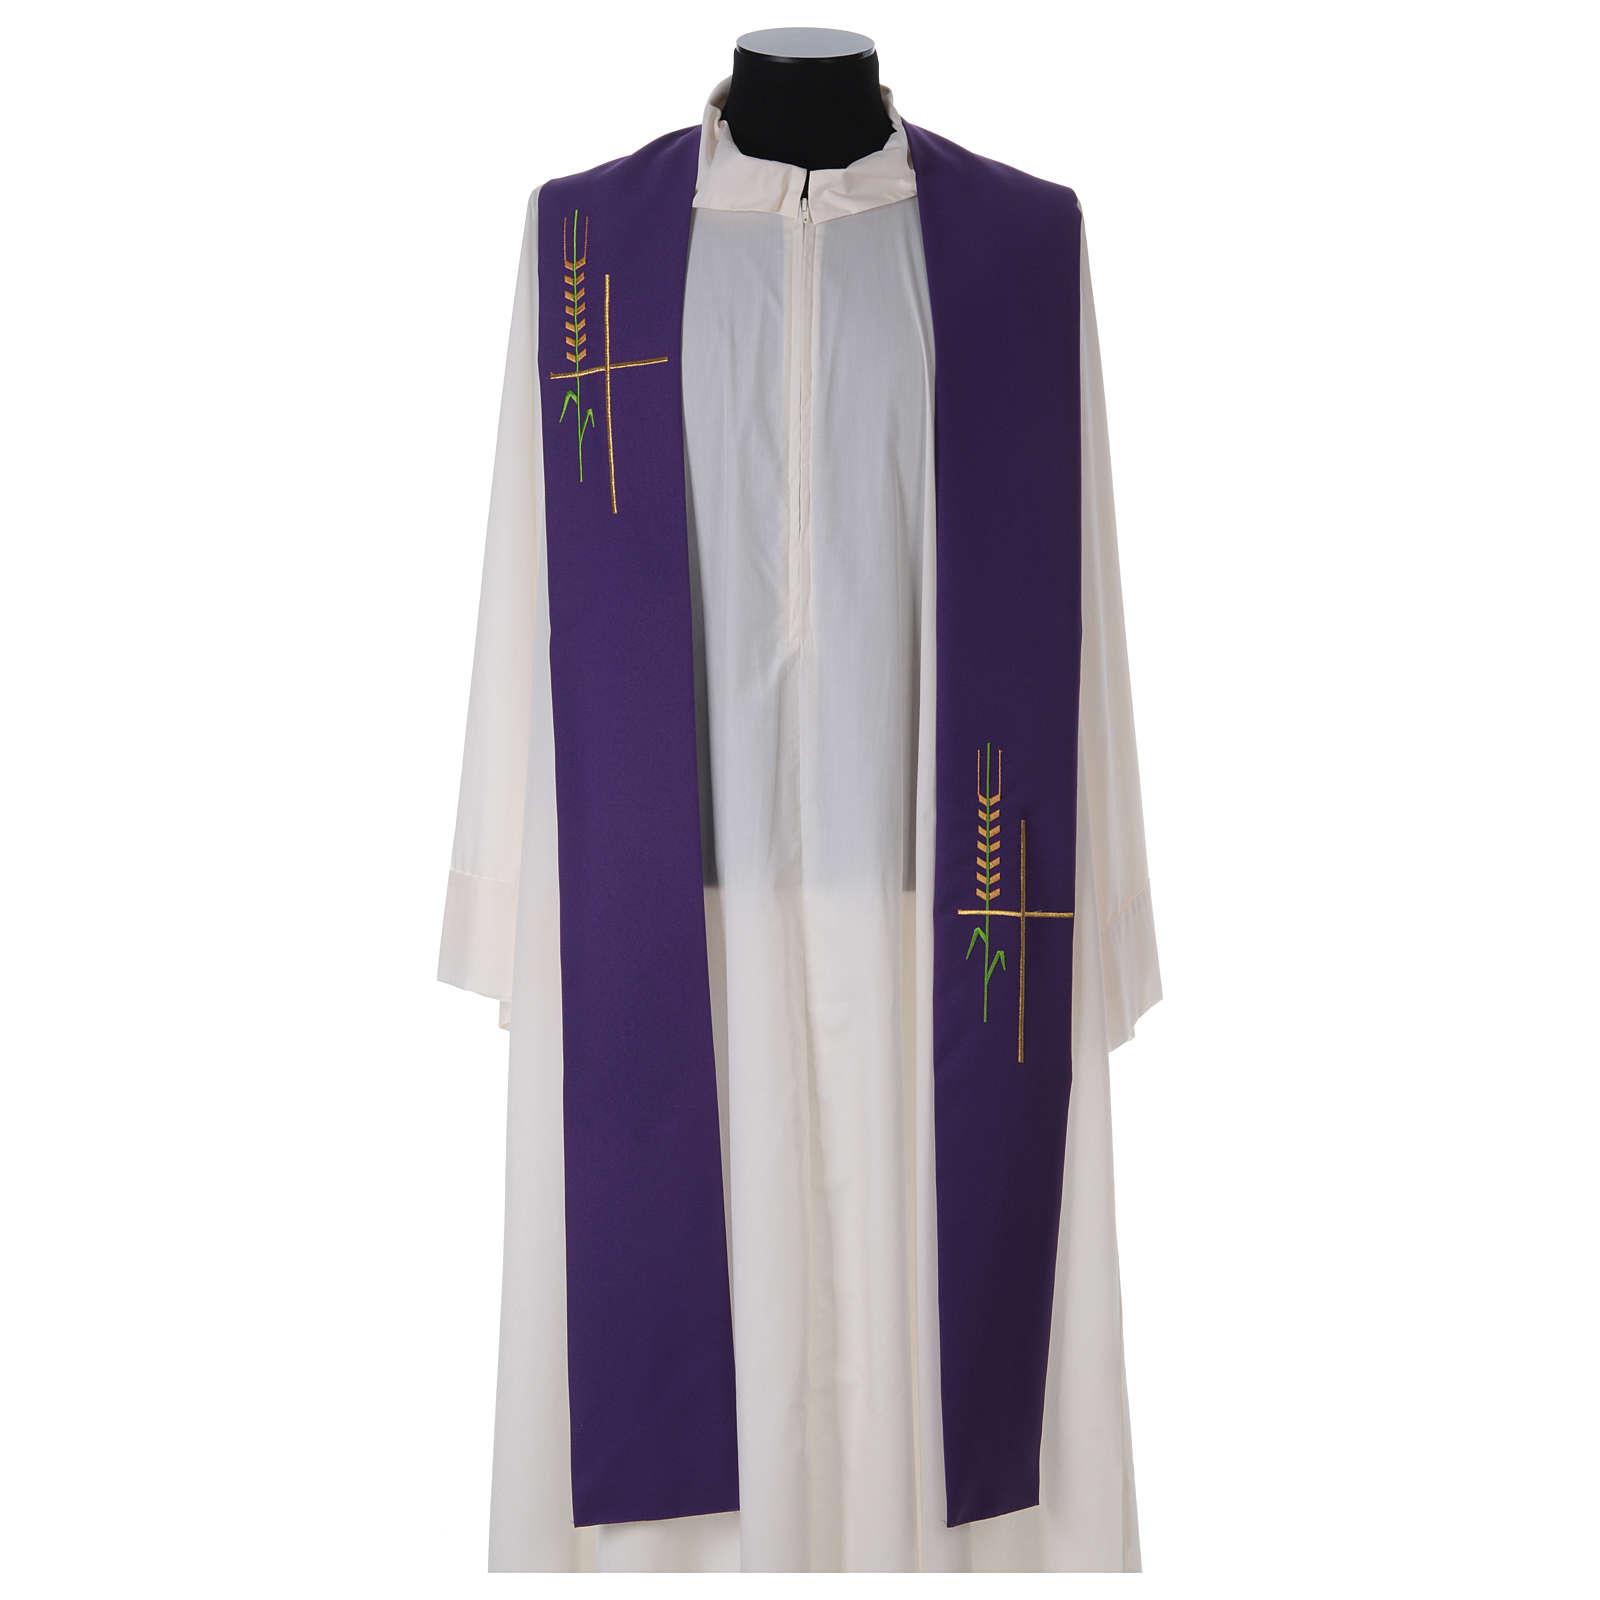 Etole liturgique épis croix stylisée polyester 4